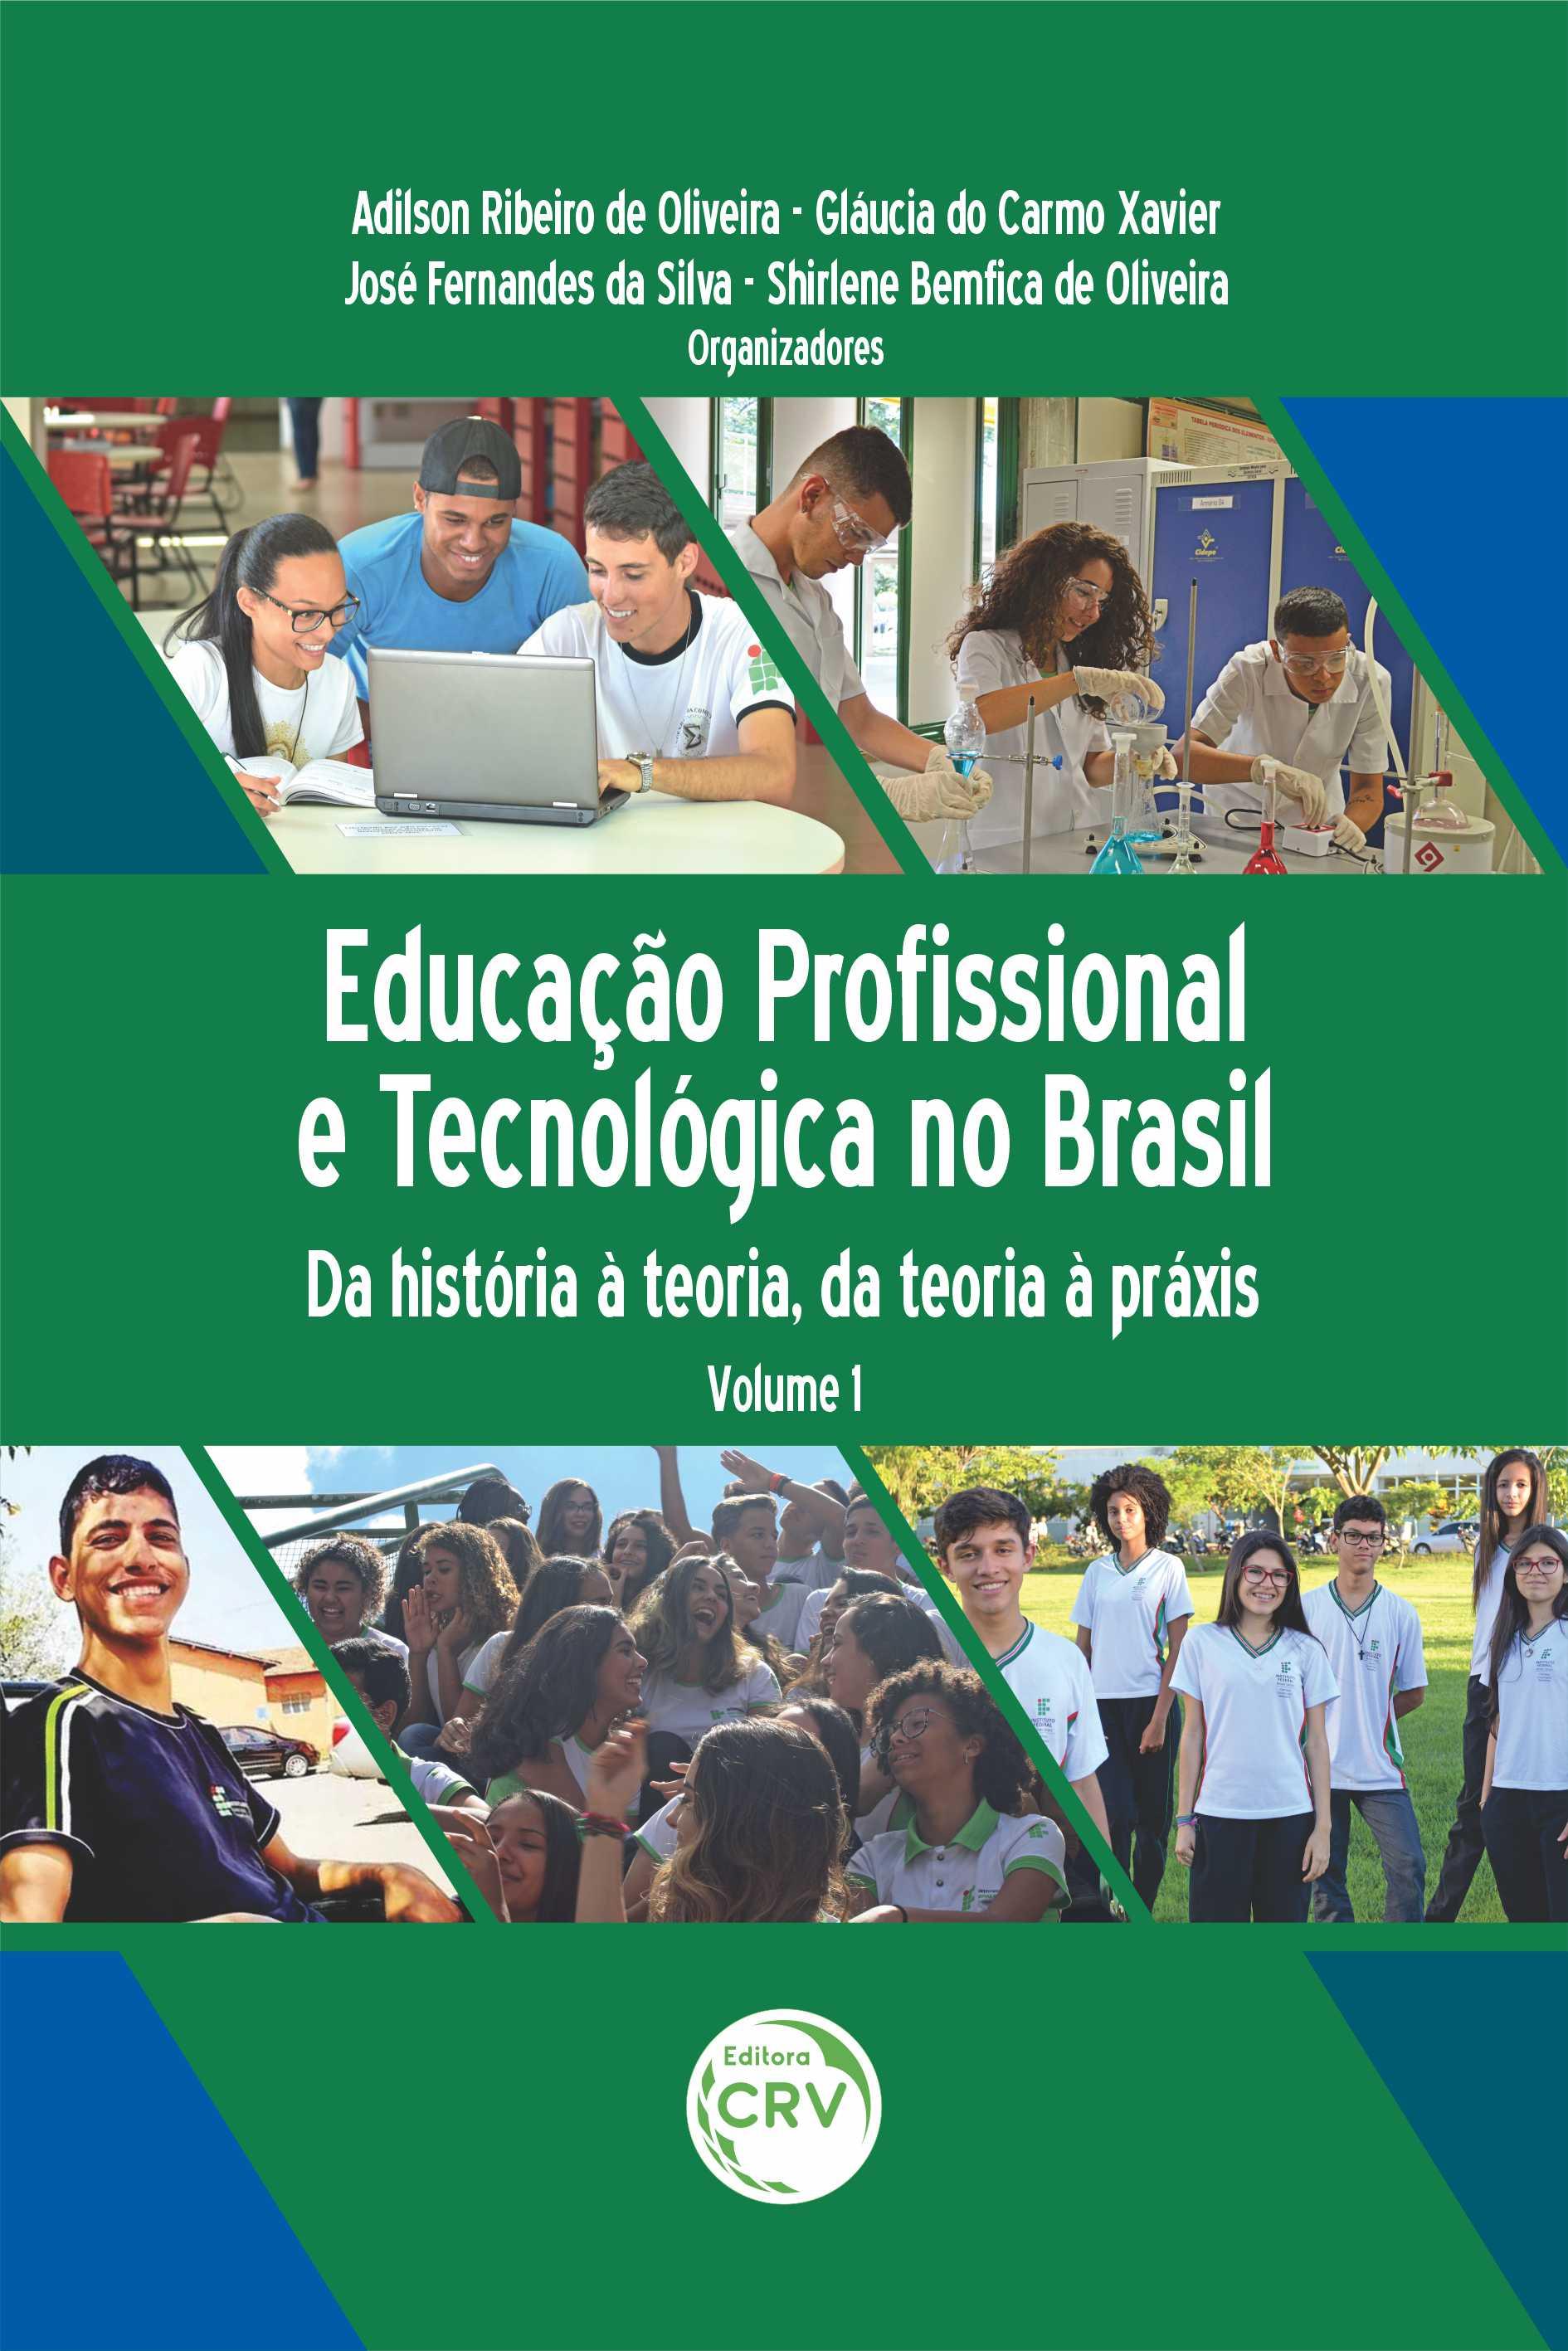 Capa do livro: EDUCAÇÃO PROFISSIONAL E TECNOLÓGICA NO BRASIL: <br>da história à teoria, da teoria à práxis <br><br>Coleção Educação Profissional e Tecnológica no Brasil<br> Volume 1